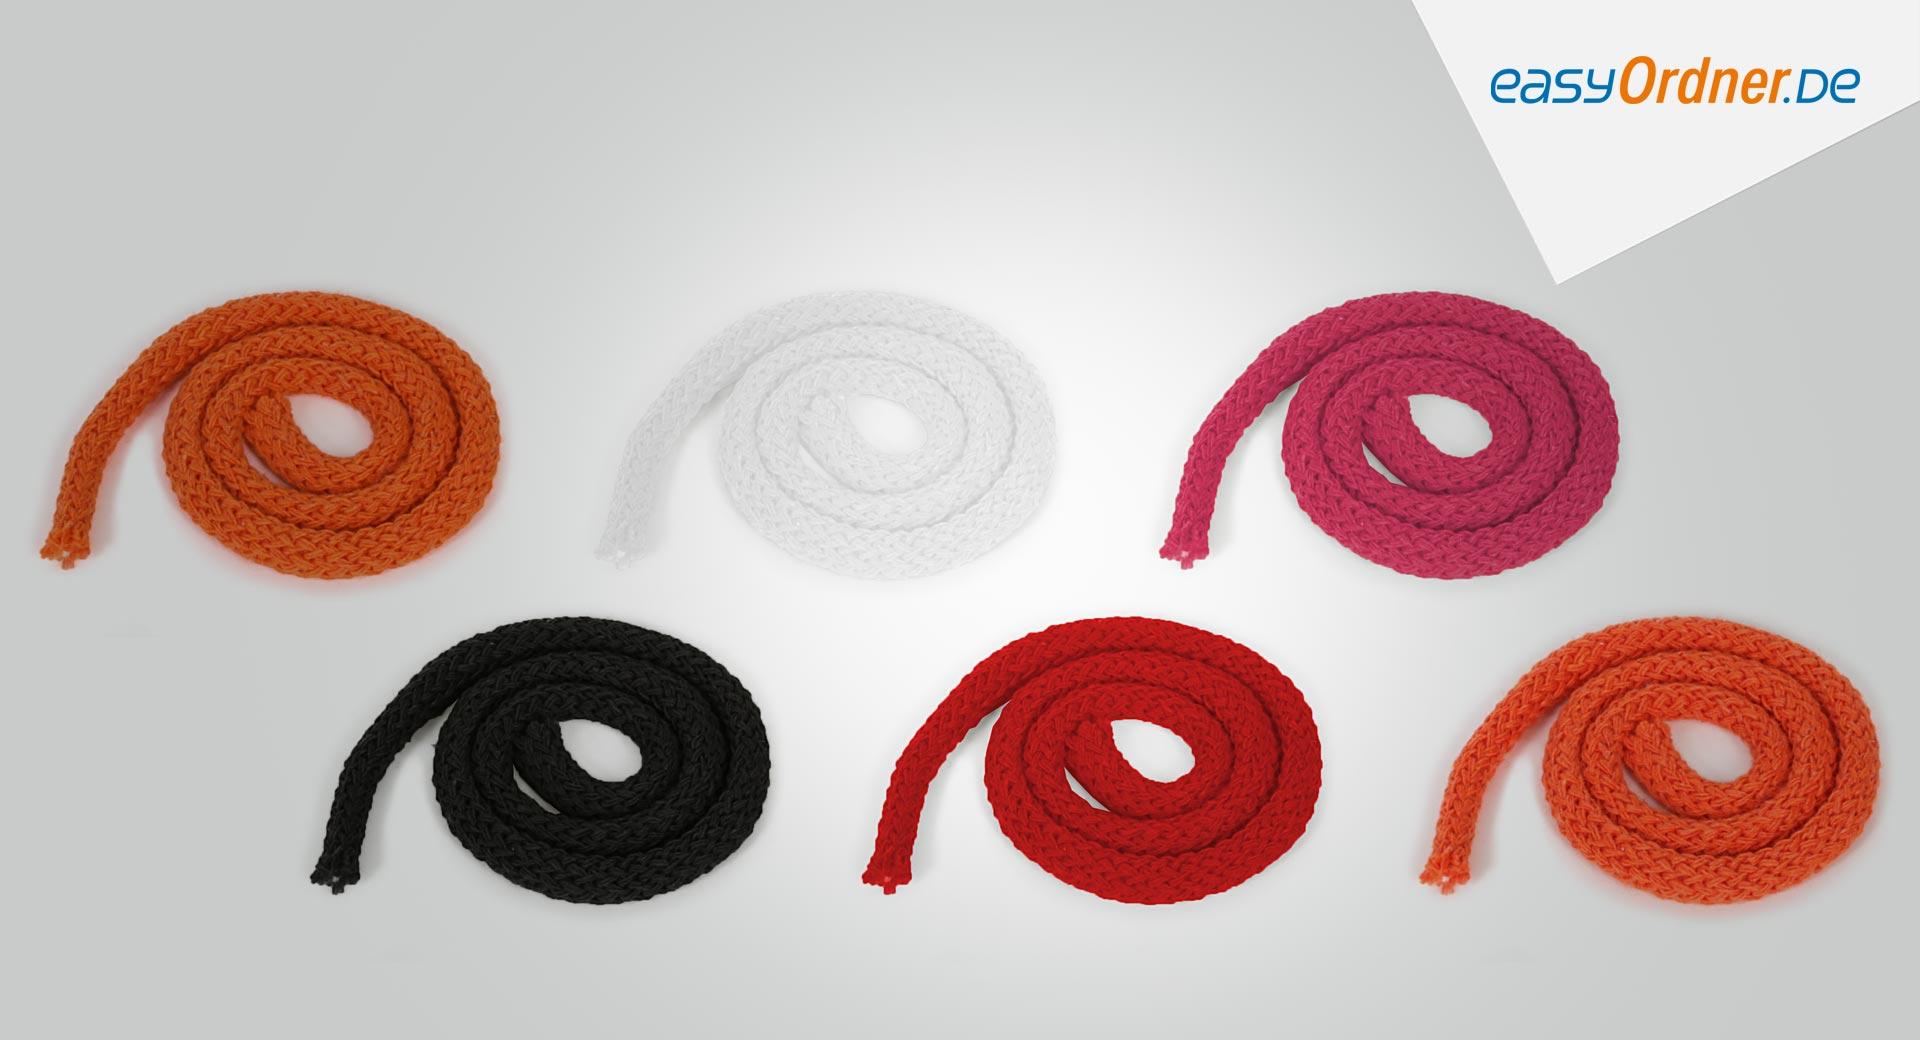 Standartfarben + Sonderfarben der möglichen Kordeln